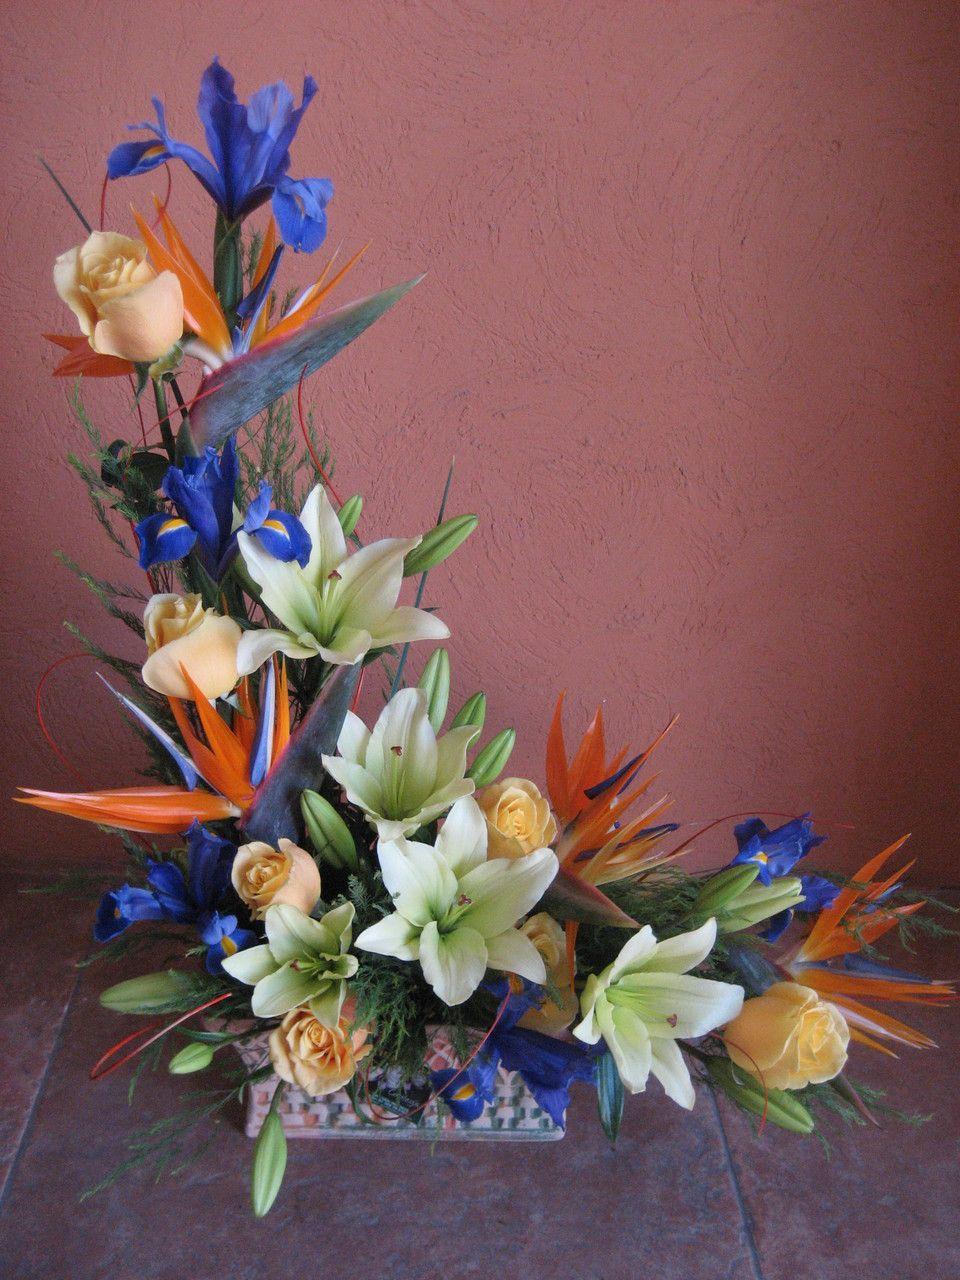 Disenos Florales Floreria Cattleya En Nuevo Vallarta Cattleya Flower Shop W Arreglos Florales Tropicales Bellos Arreglos Florales Arreglos Florales Sencillos